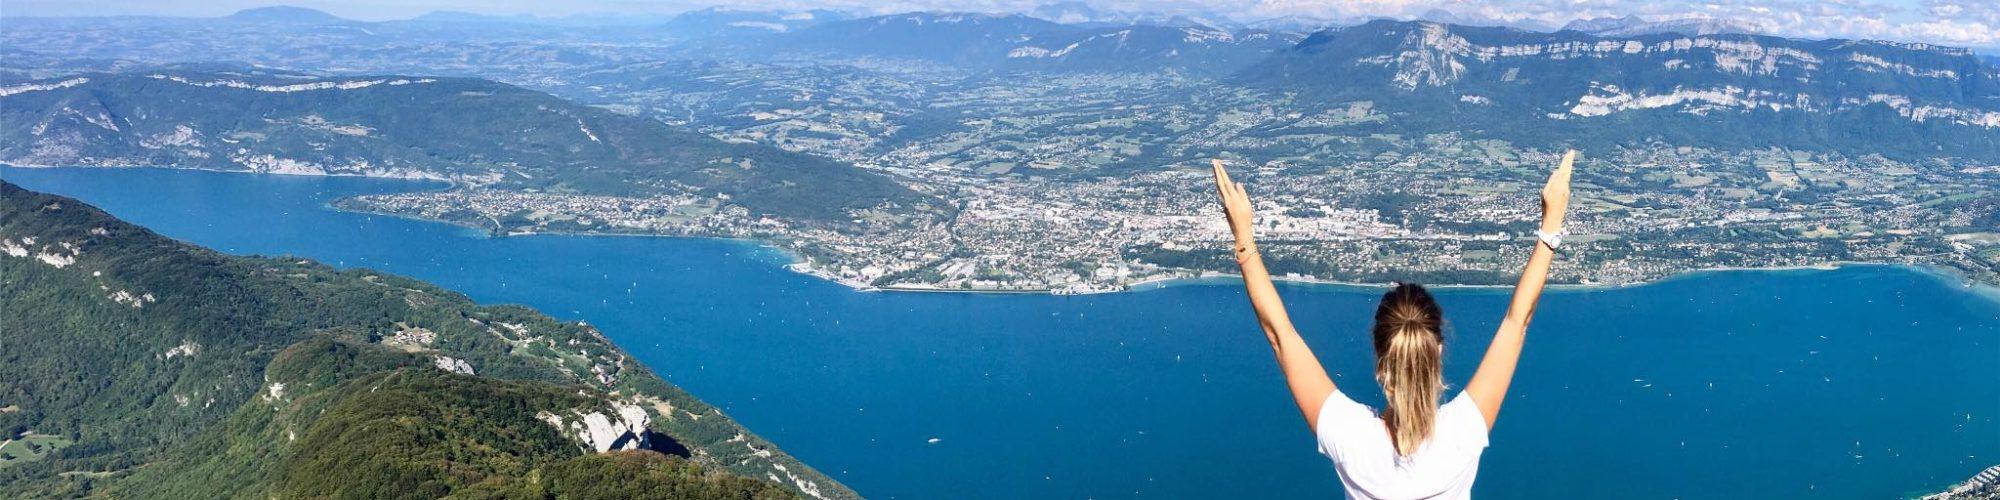 Aix-les-Bains Riviera des Alpes: Destination Sport & Nature par excellence!